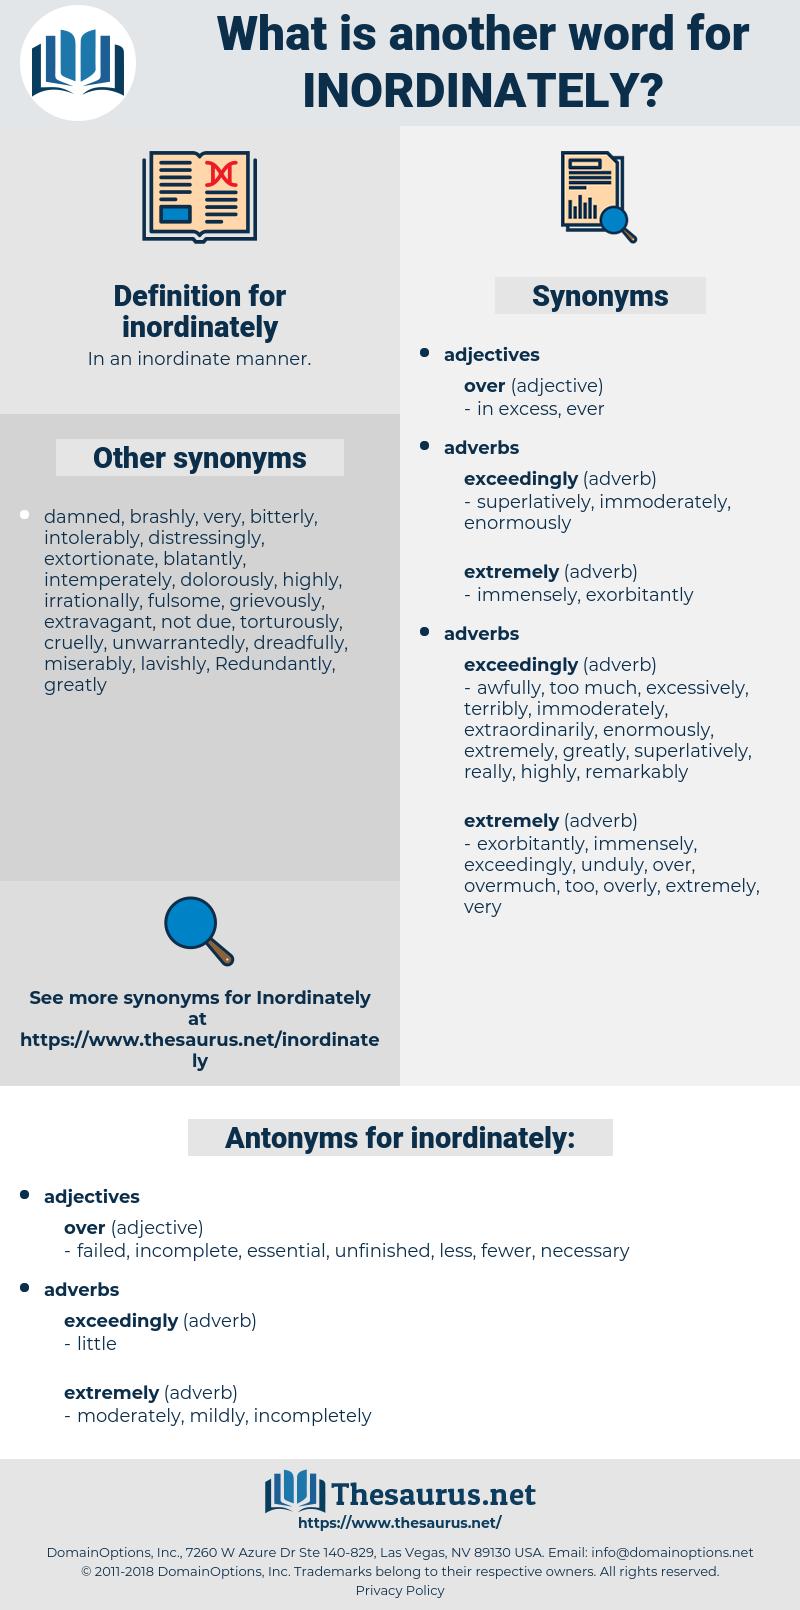 inordinately, synonym inordinately, another word for inordinately, words like inordinately, thesaurus inordinately